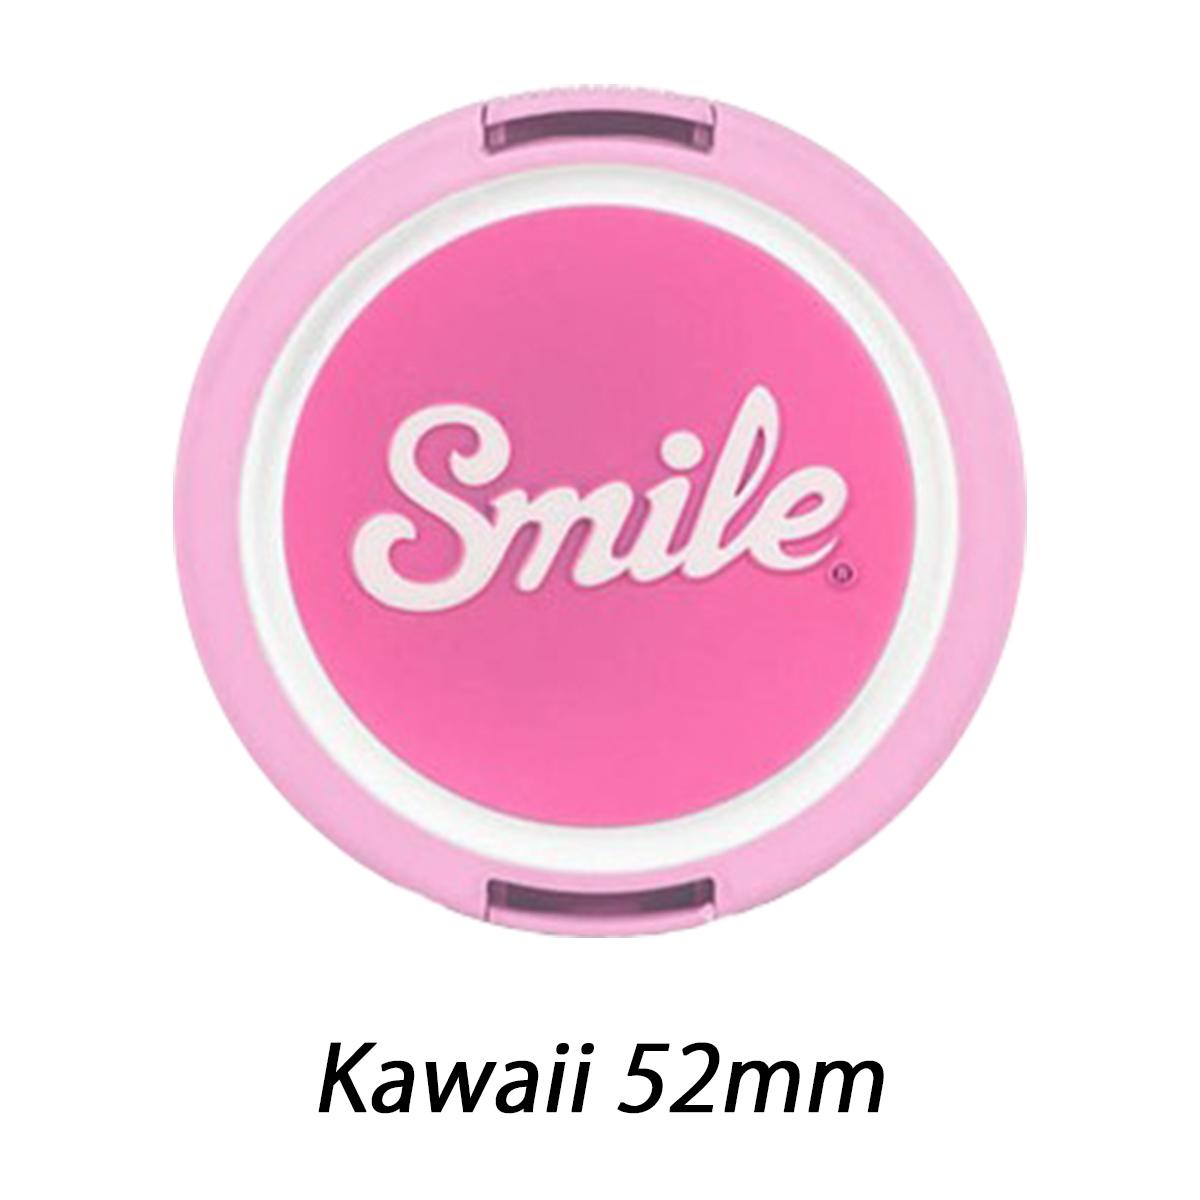 スマイル レンズキャップ Kawaii 52mm 【Smile lens caps】 sml1705304